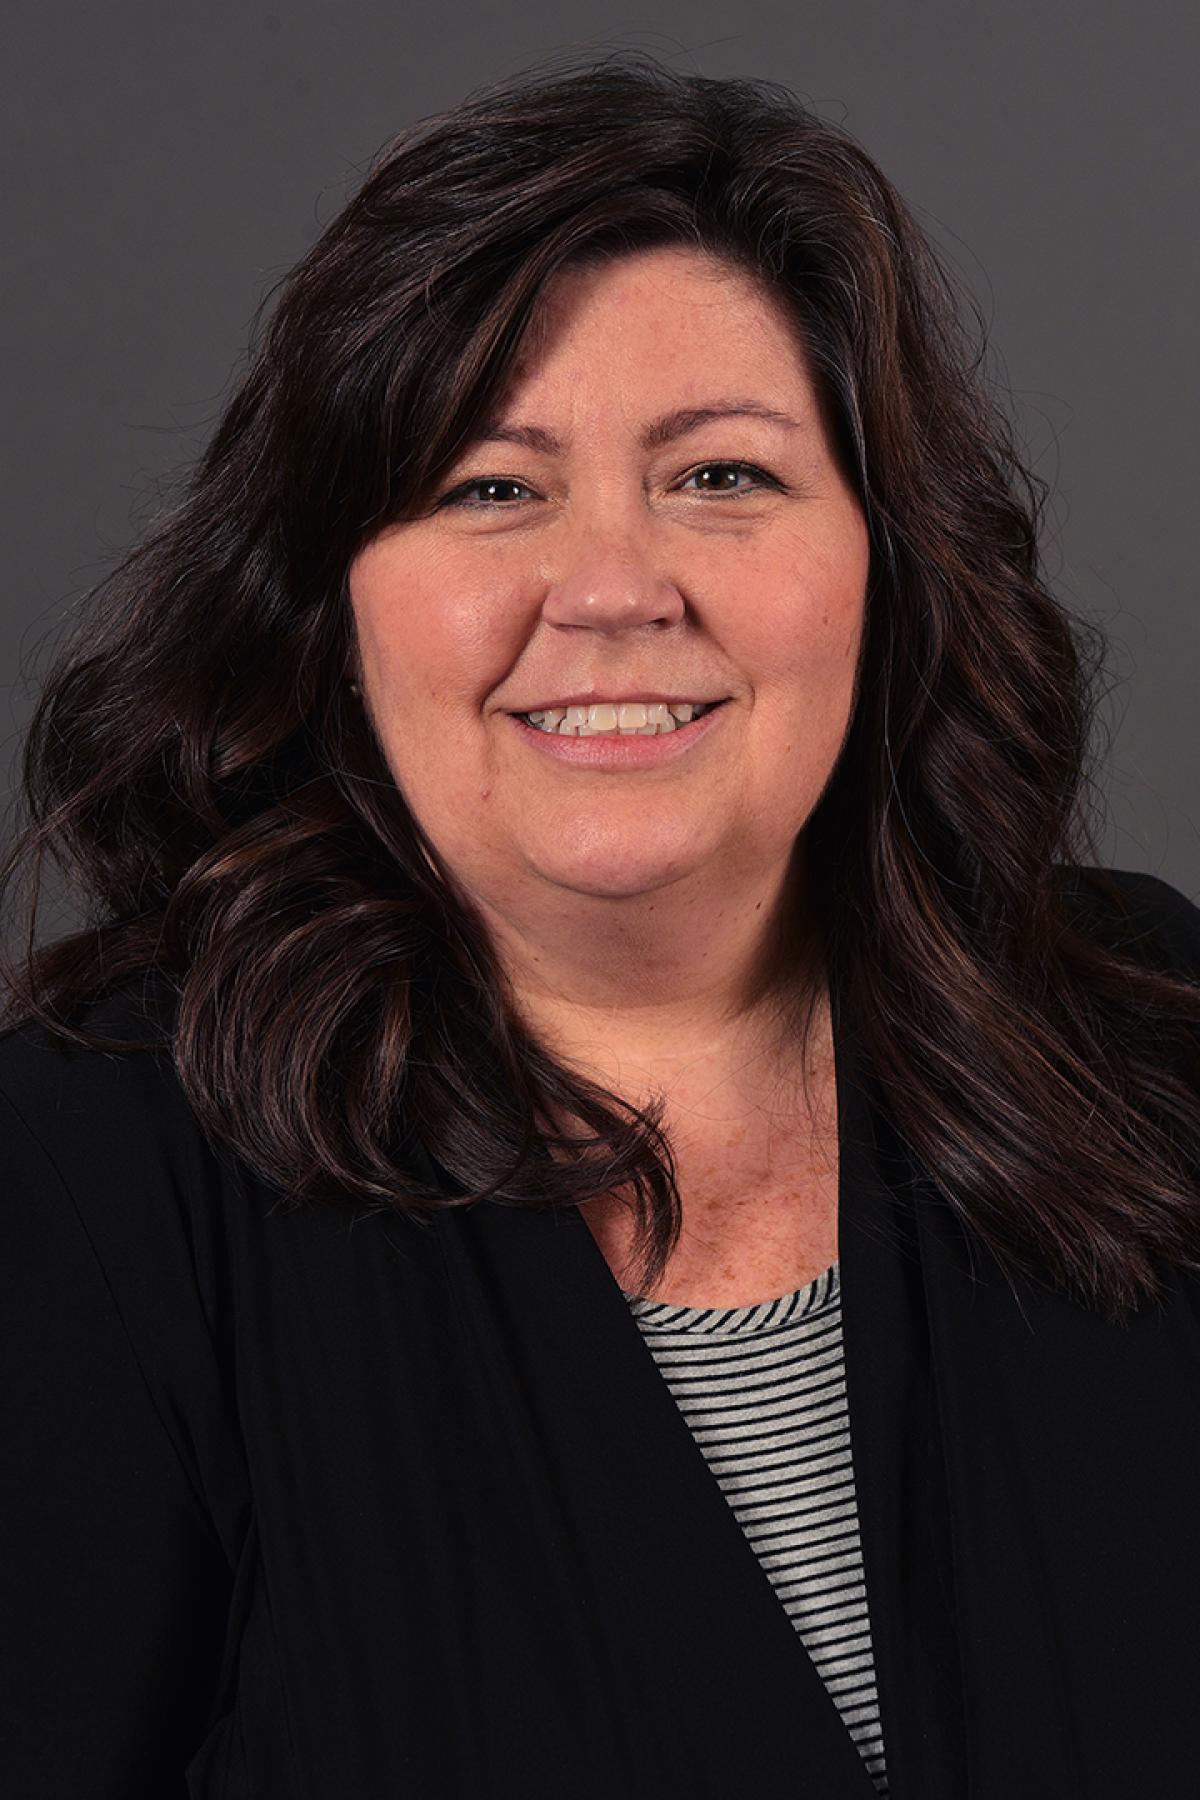 Michele Berner | Sindecuse Health Center | Western Michigan